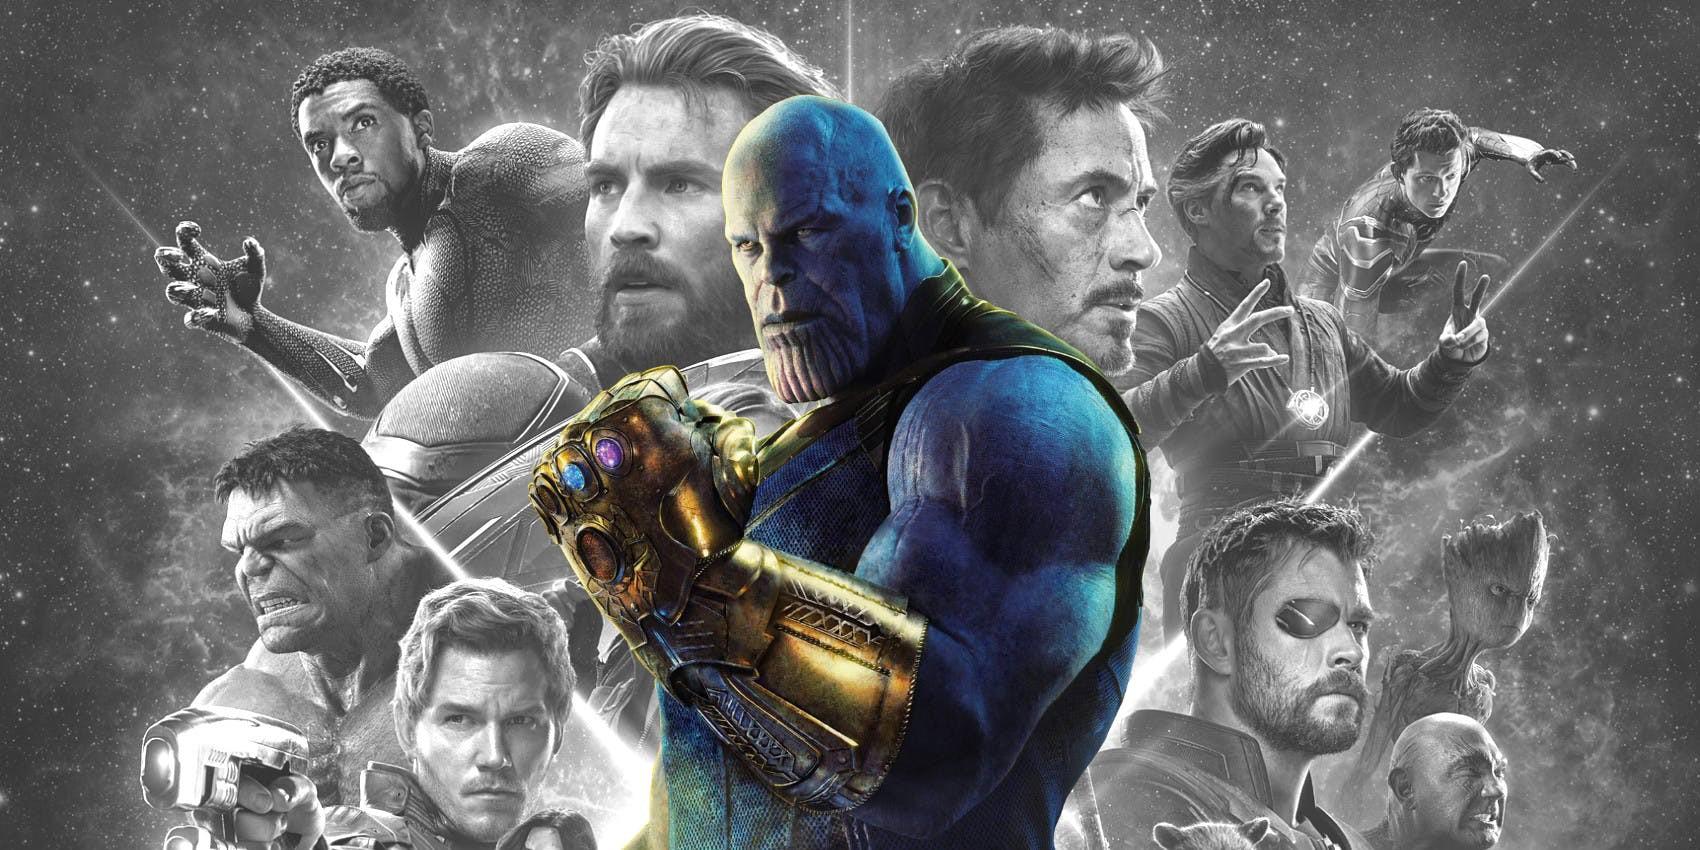 Đã đến lúc Marvel nên thừa nhận khái niệm chết chỉ mang tính tương đối - Ảnh 3.